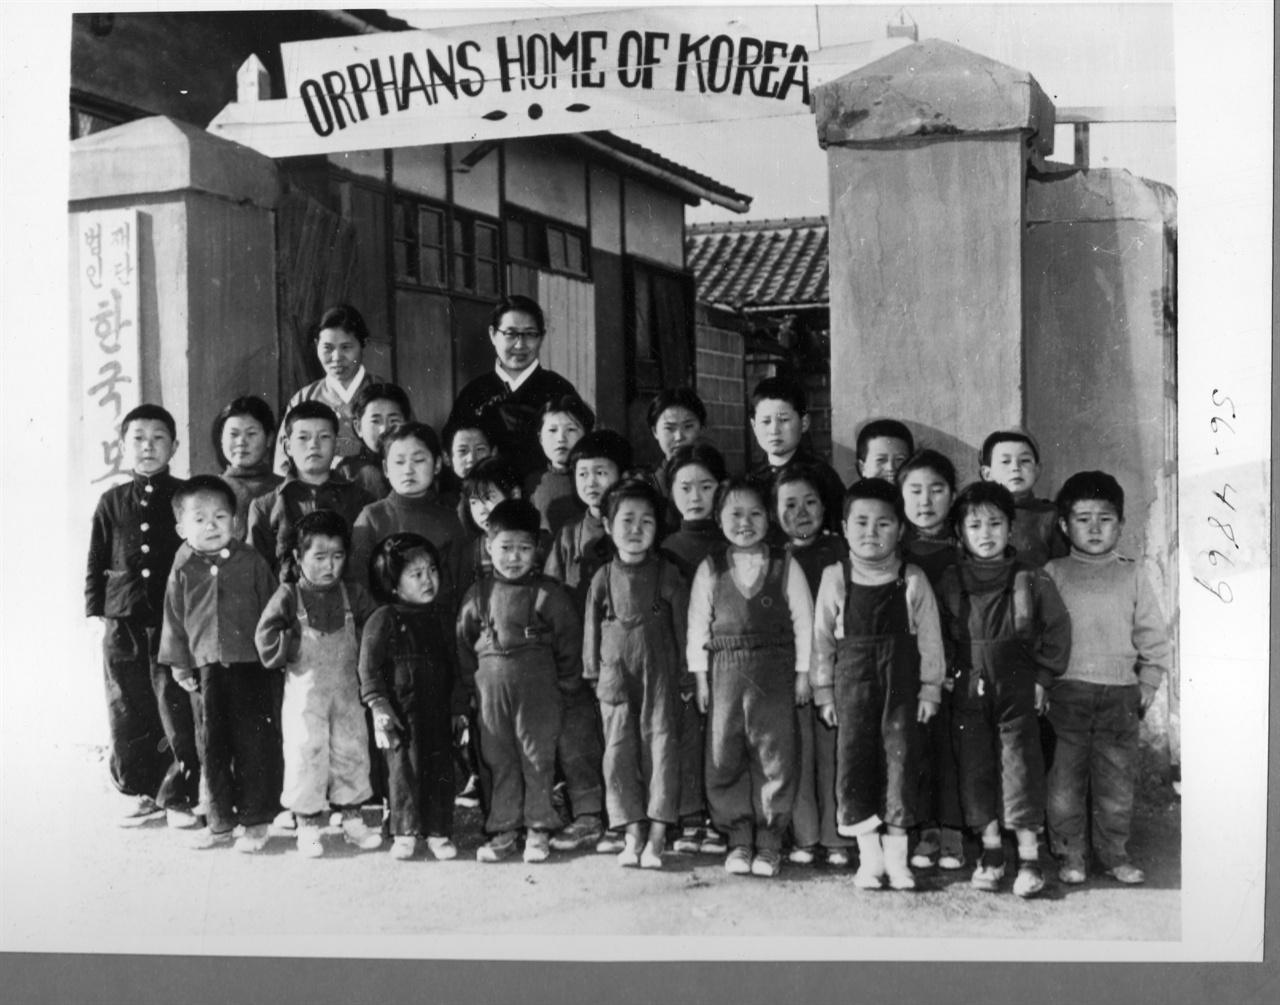 1956. 4. 3. 서울. 한국보육원 원생들이 해외로 입양되어 떠나기 직전에 기념촬영을 하고 있다.